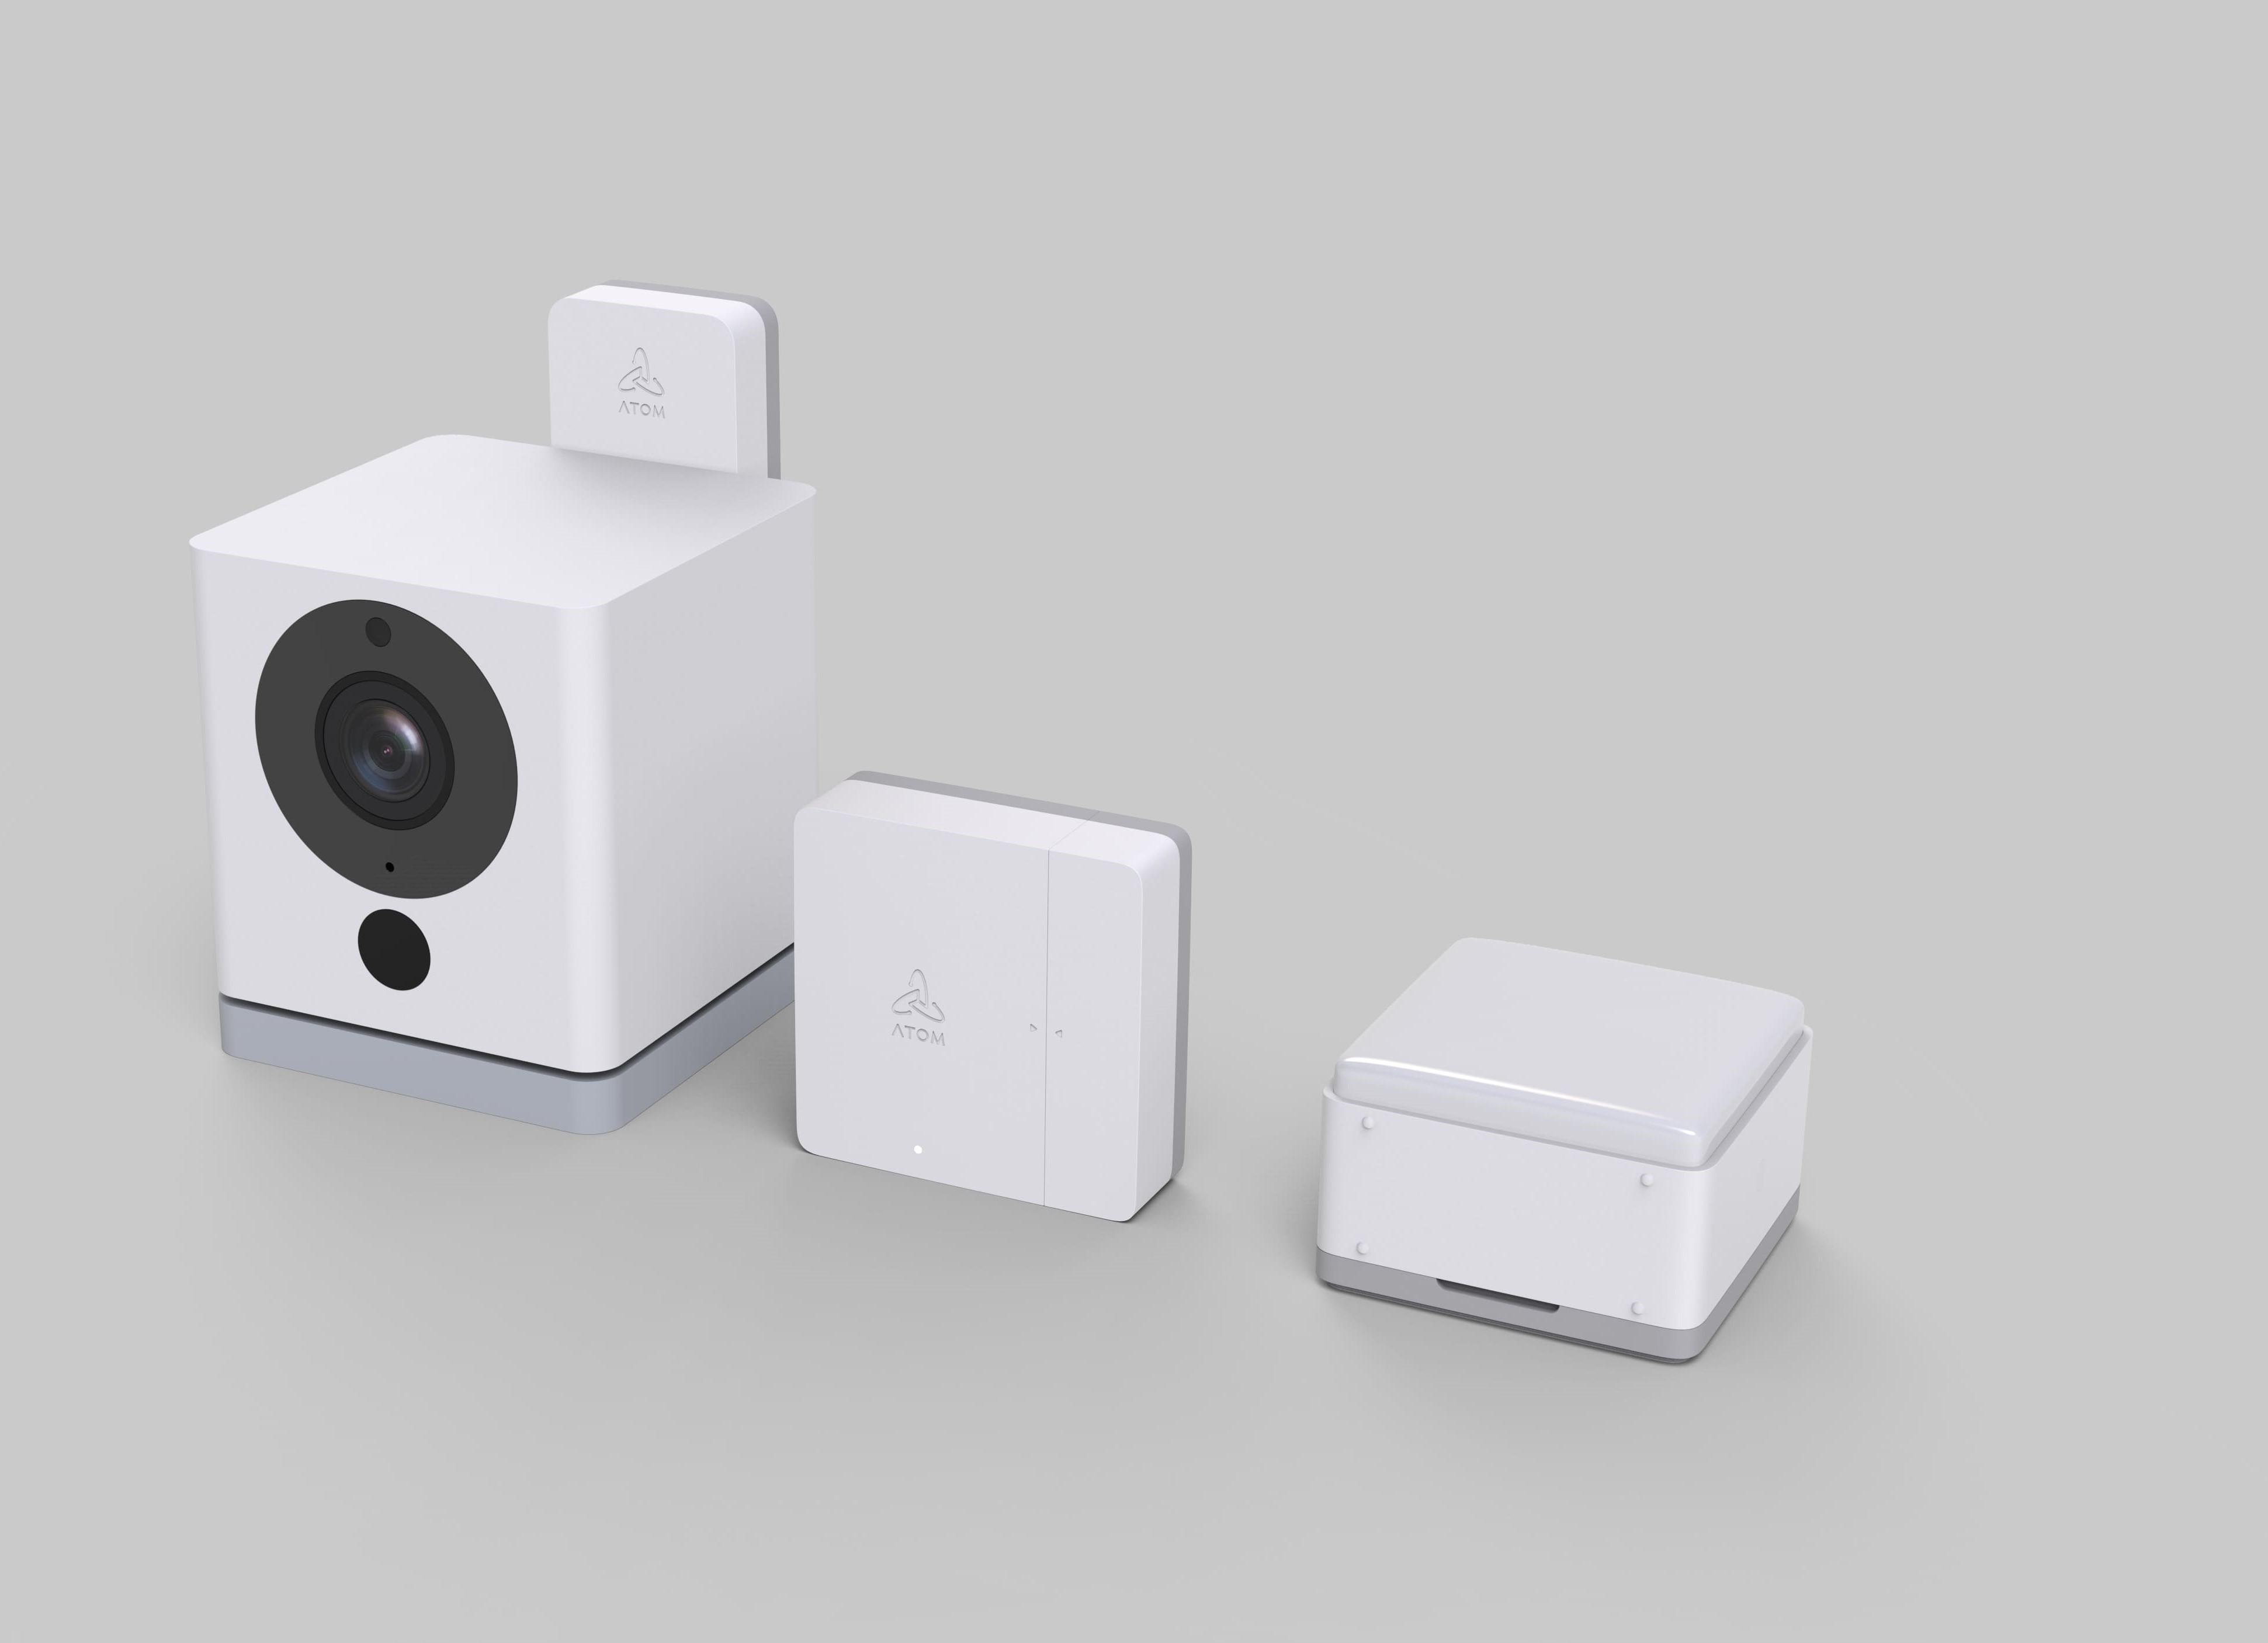 アトムテック、防犯カメラにセンサー追加